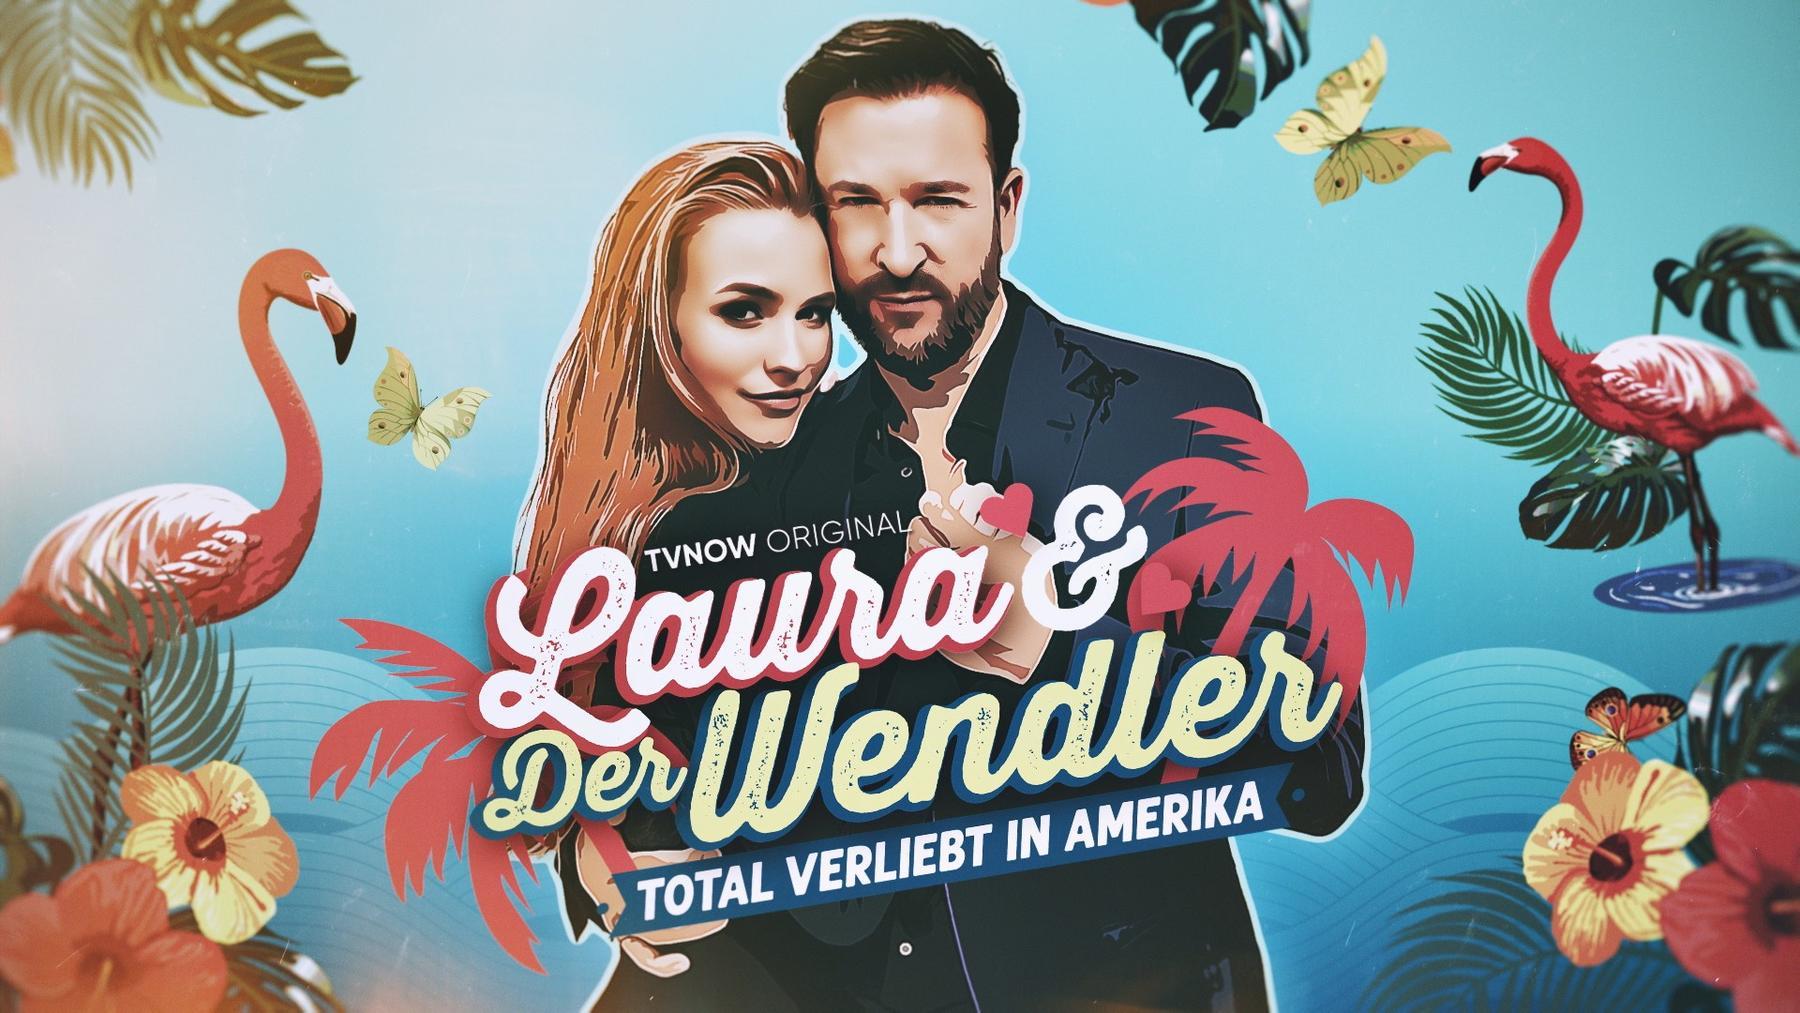 Laura & Der Wendler - Total verliebt in Amerika